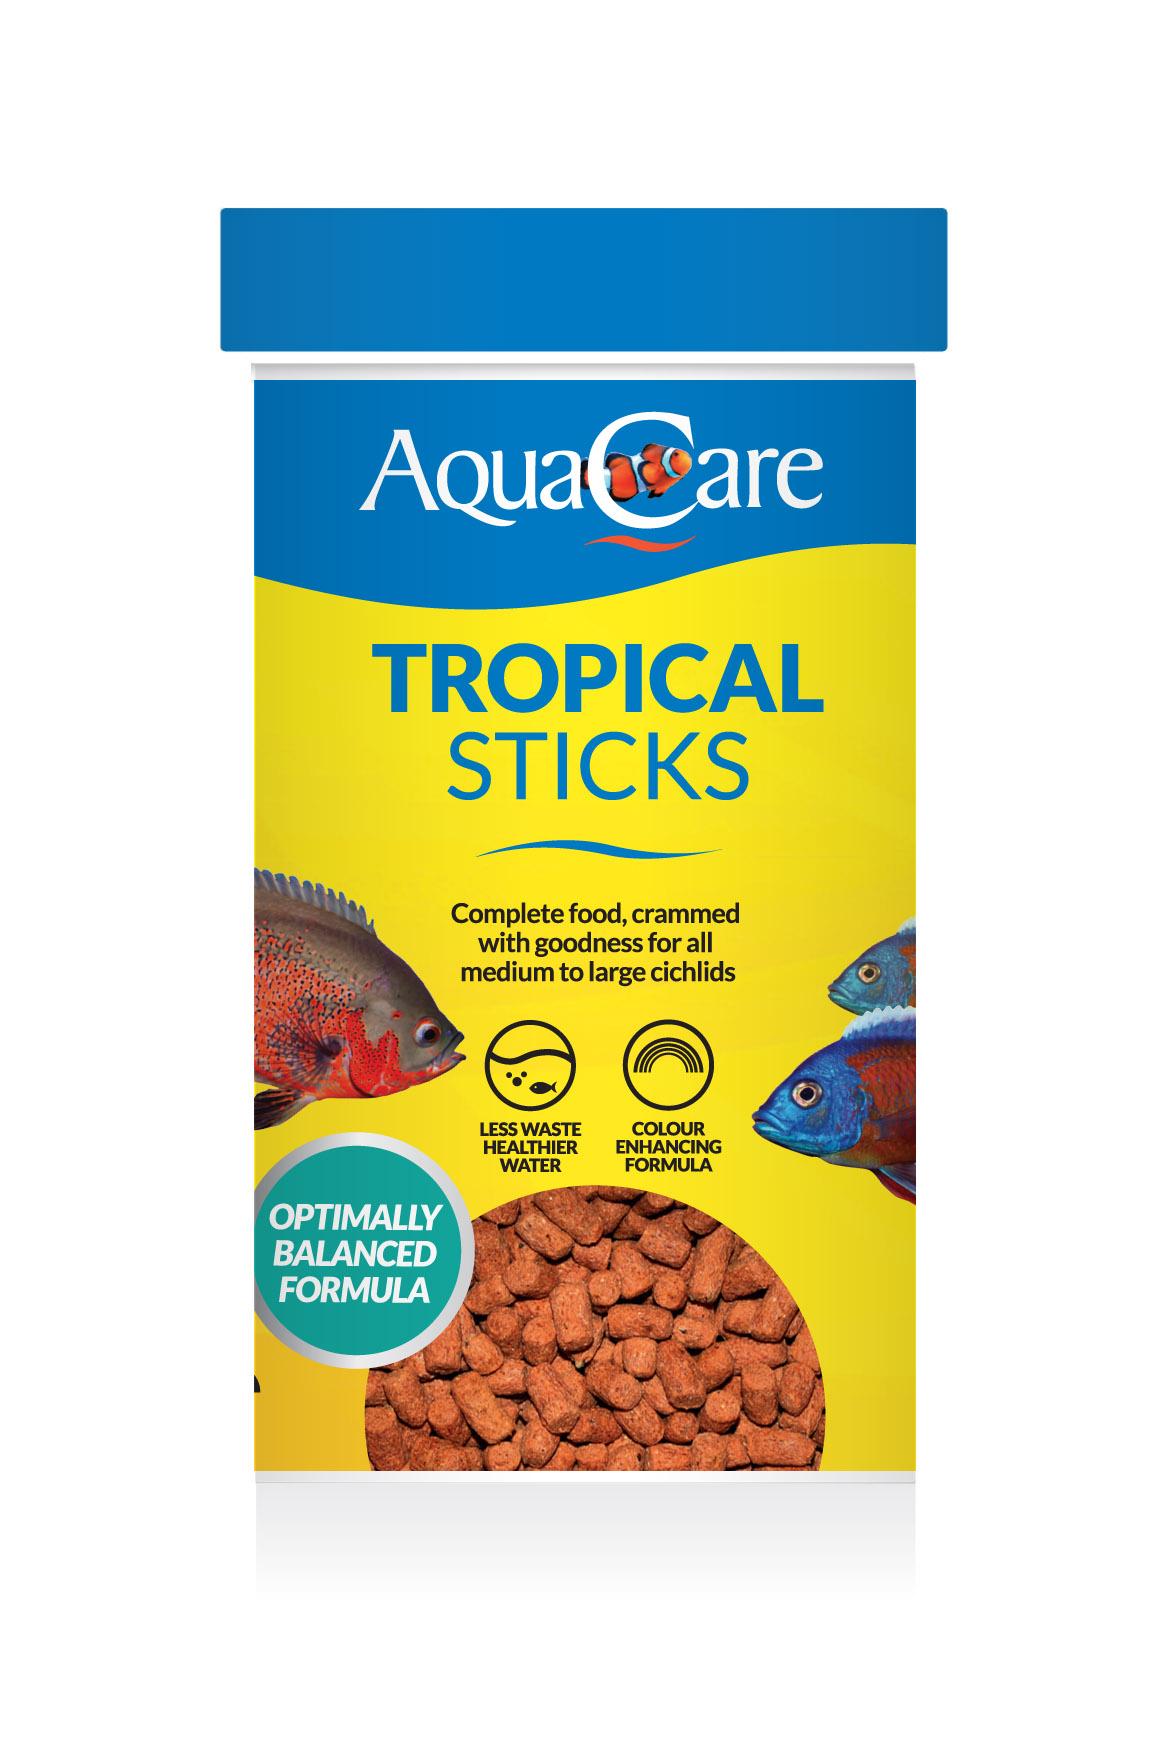 AquaCare Torpical Sticks